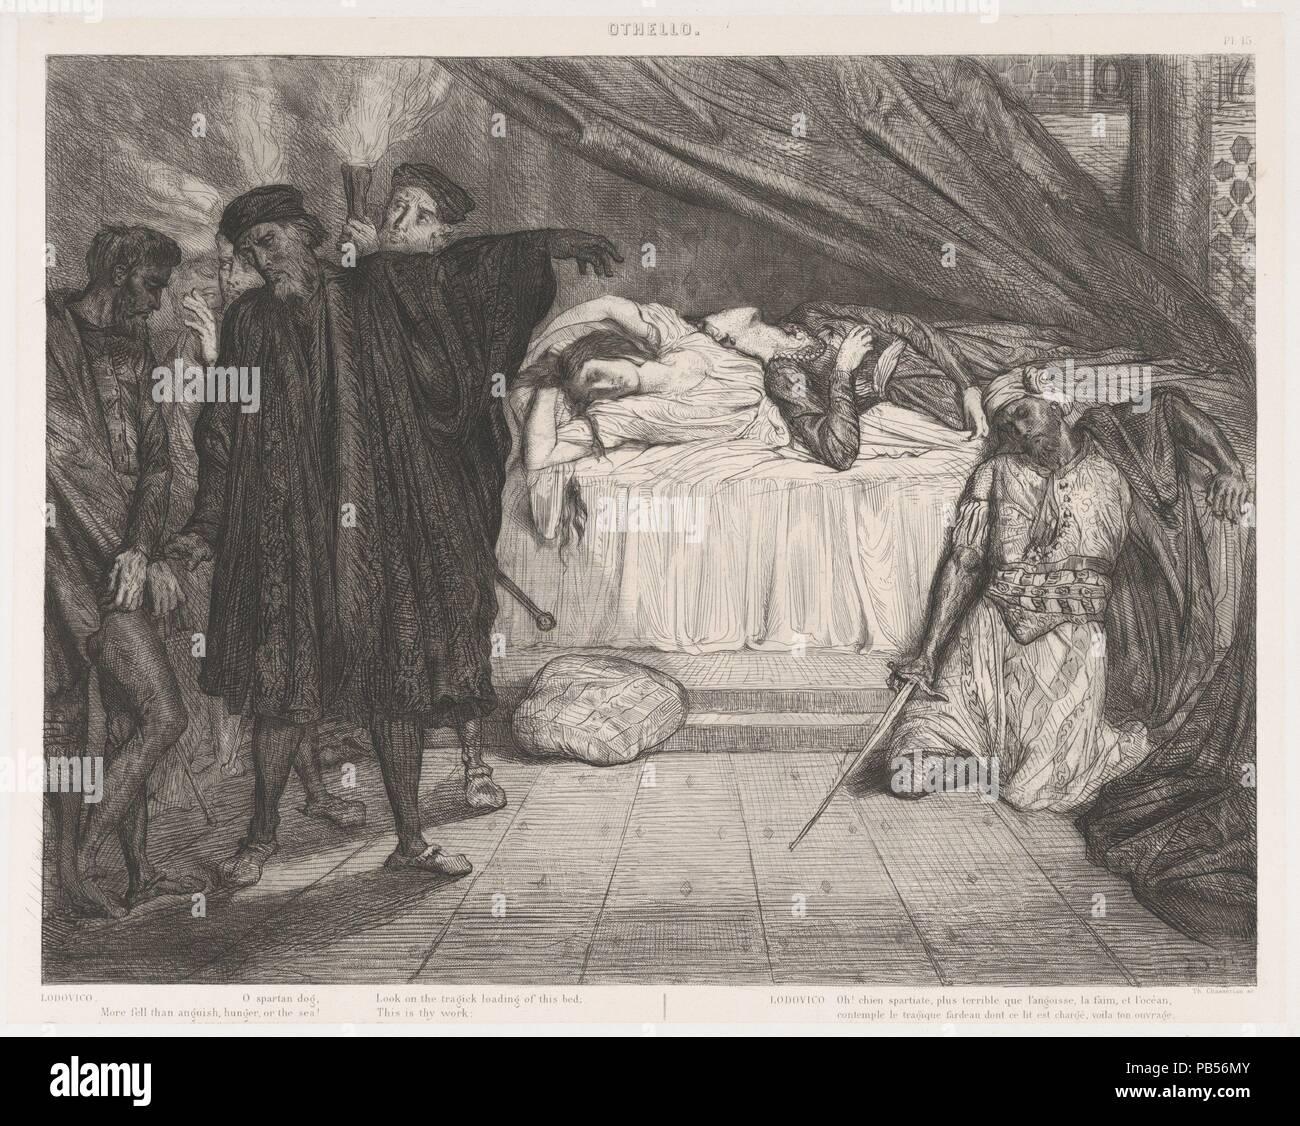 'O Spartan dog': placa 15 de Othello (Acto 5, escena 2). Artista: Théodore Chassériau (francés, Le Limon, Santo Domingo, Indias Occidentales de París 1819-1856). Dimensiones: hoja: 25 x 19 1/4 pulg. (63,5 x 48,9 cm) placa: 12 5/8 x 15 7/8 pulg. (32,1 x 40,4 cm) Imagen: 11 5/16 x 14 5/8 pulg. (28,7 x 37,2 cm). Series/Cartera: Suite de 15 impresiones: la obra de Shakespeare Othello / Quinze Esquisses à l'eau forte dessinées et gravées par Théodore Chasseriau. Asunto: (británico William Shakespeare, Stratford-upon-Avon 1564-1616 Stratford-upon-Avon). Fecha: 1844. En 1844 Eugène Piot encargó al joven Chassériau a p Foto de stock